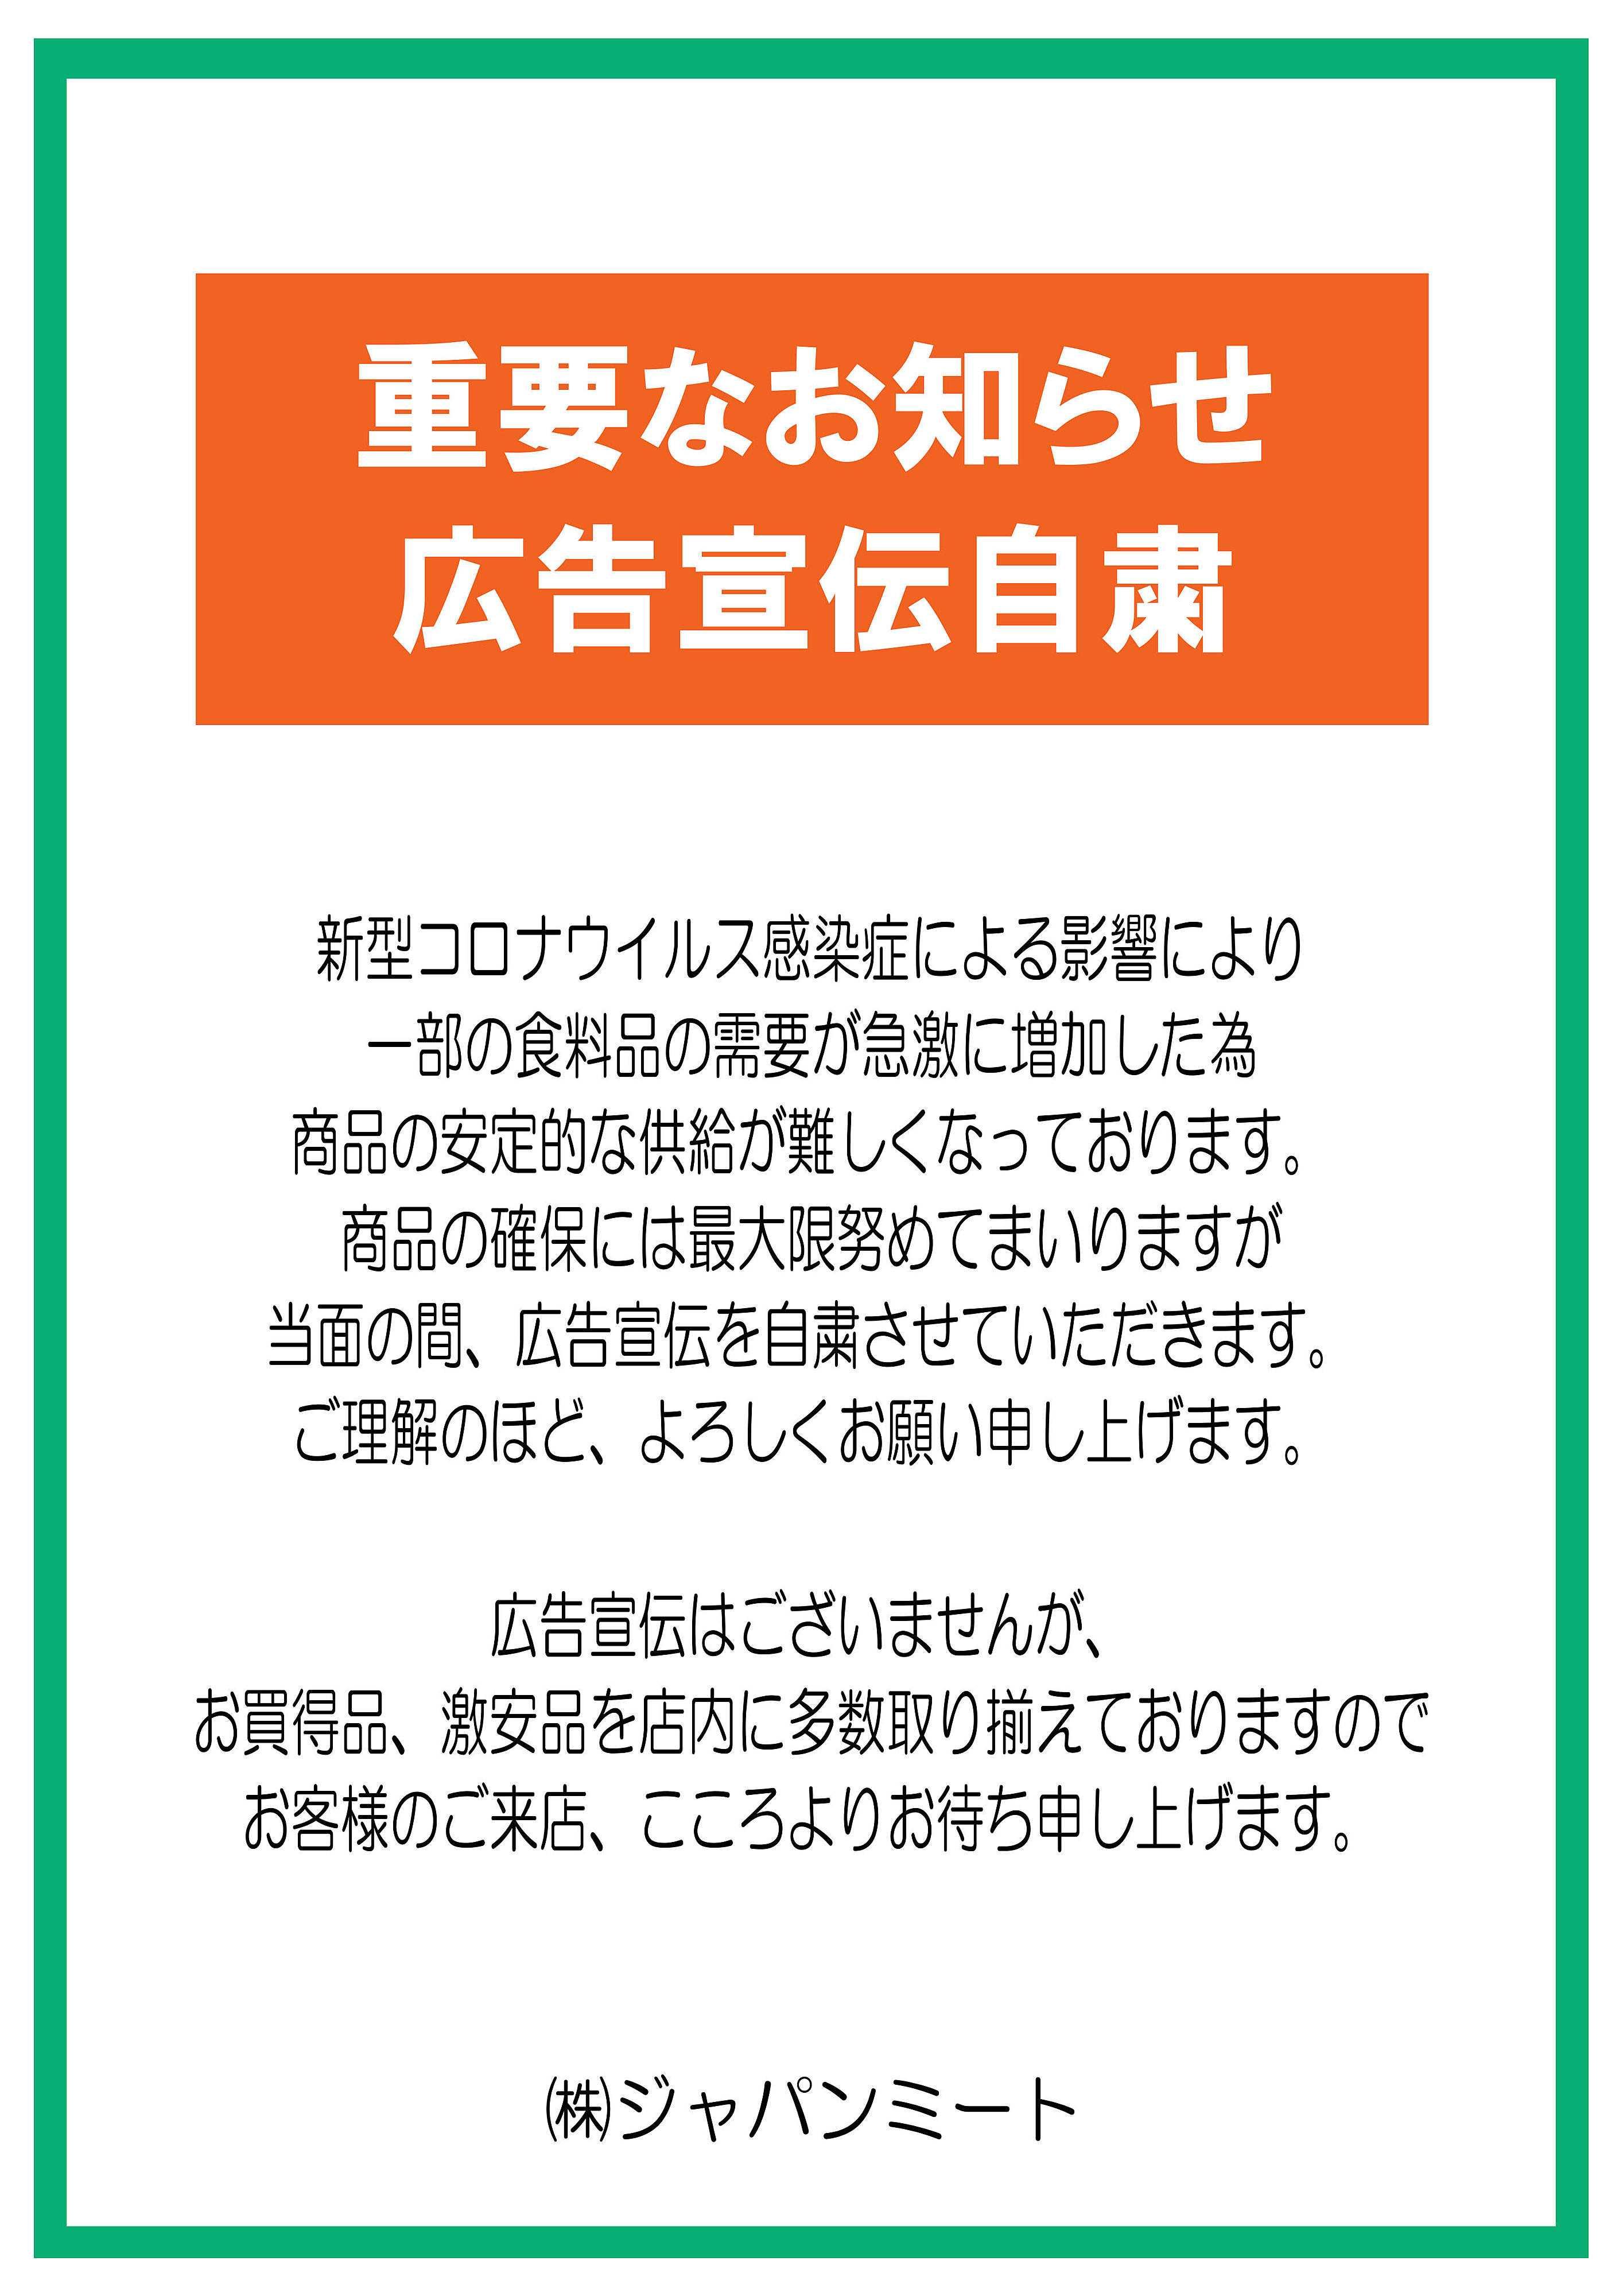 ジャパンミート生鮮館 広告自粛のお知らせ